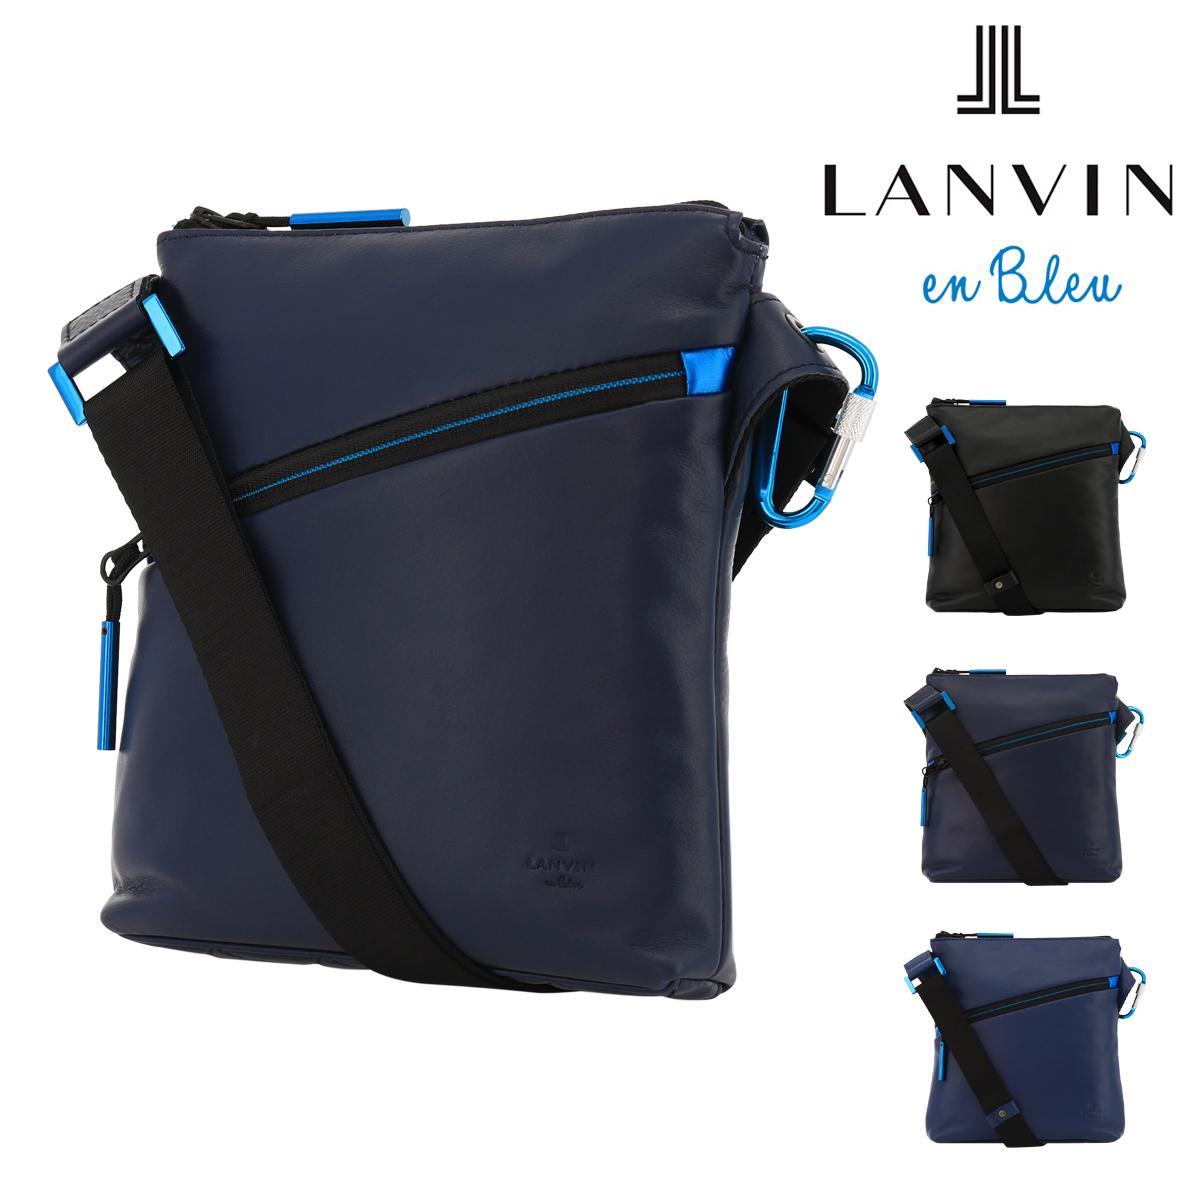 ランバンオンブルー ショルダーバッグ アルマイト メンズ 554101 LANVIN en Bleu   斜めがけ 本革 牛革 レザー[PO10]